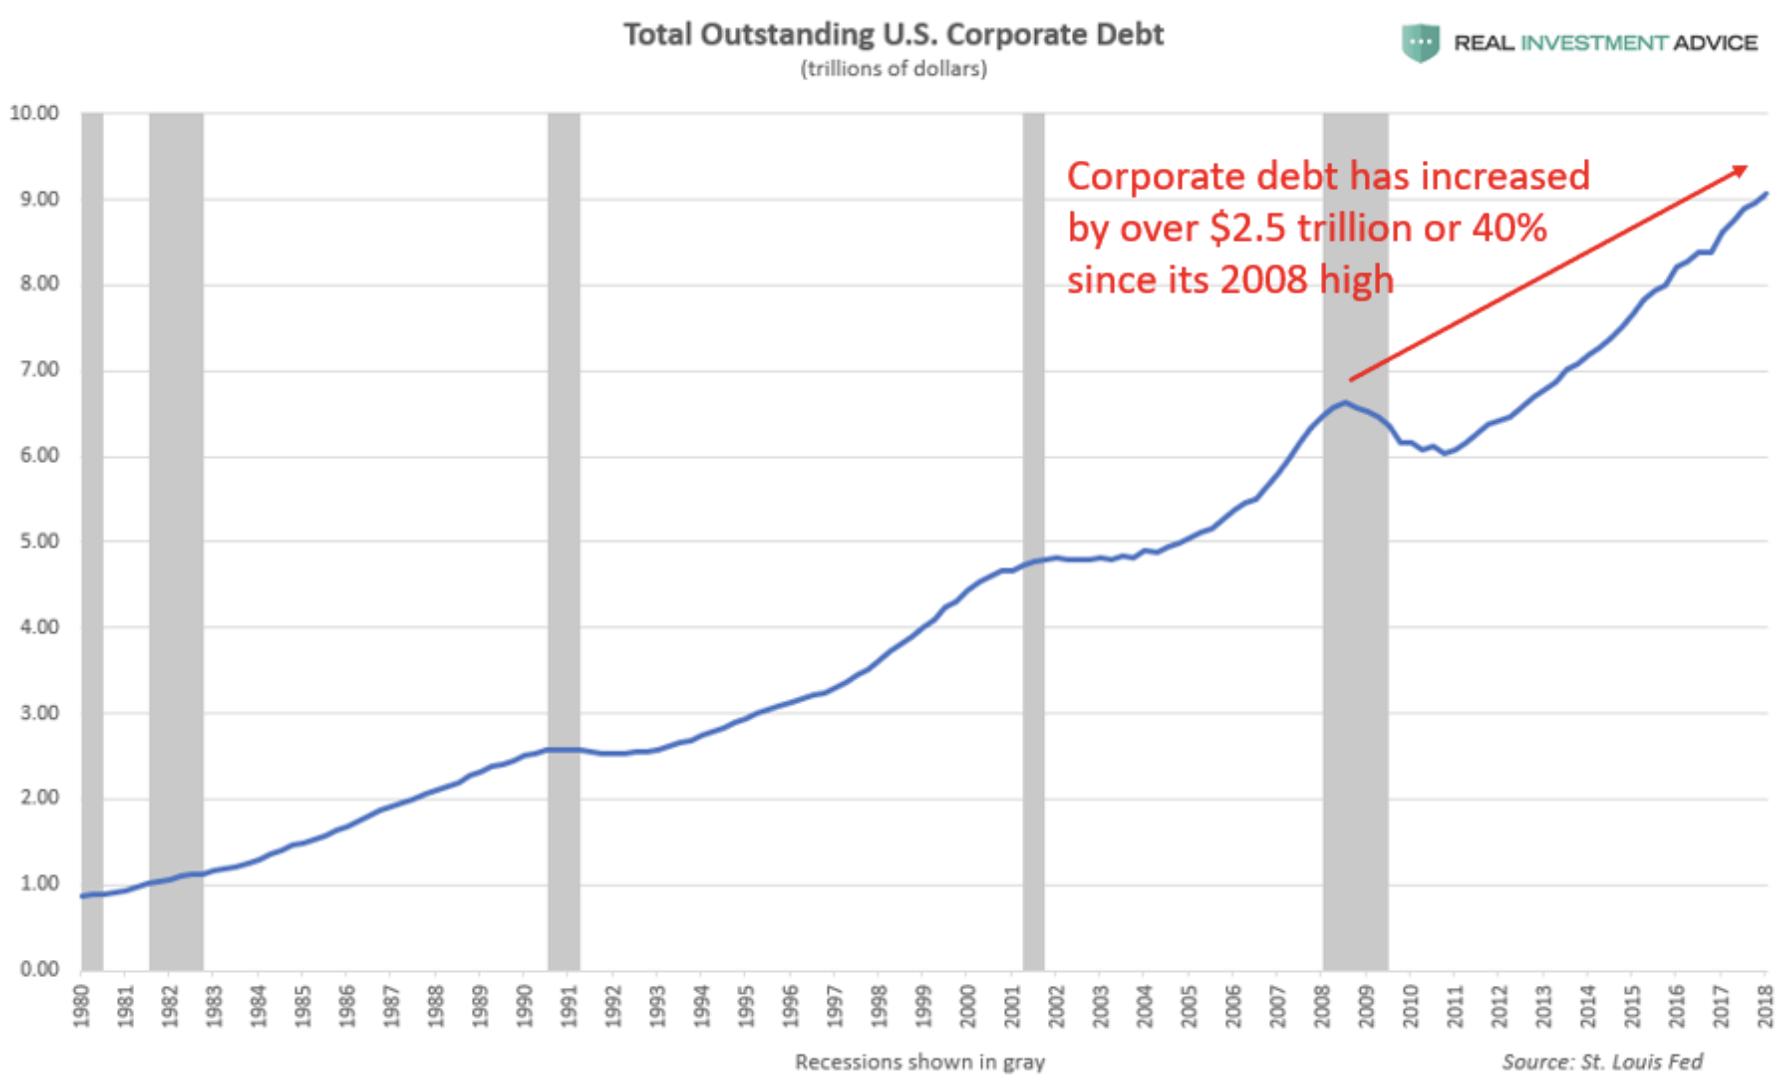 Gesamte US-Unternehmensschulden